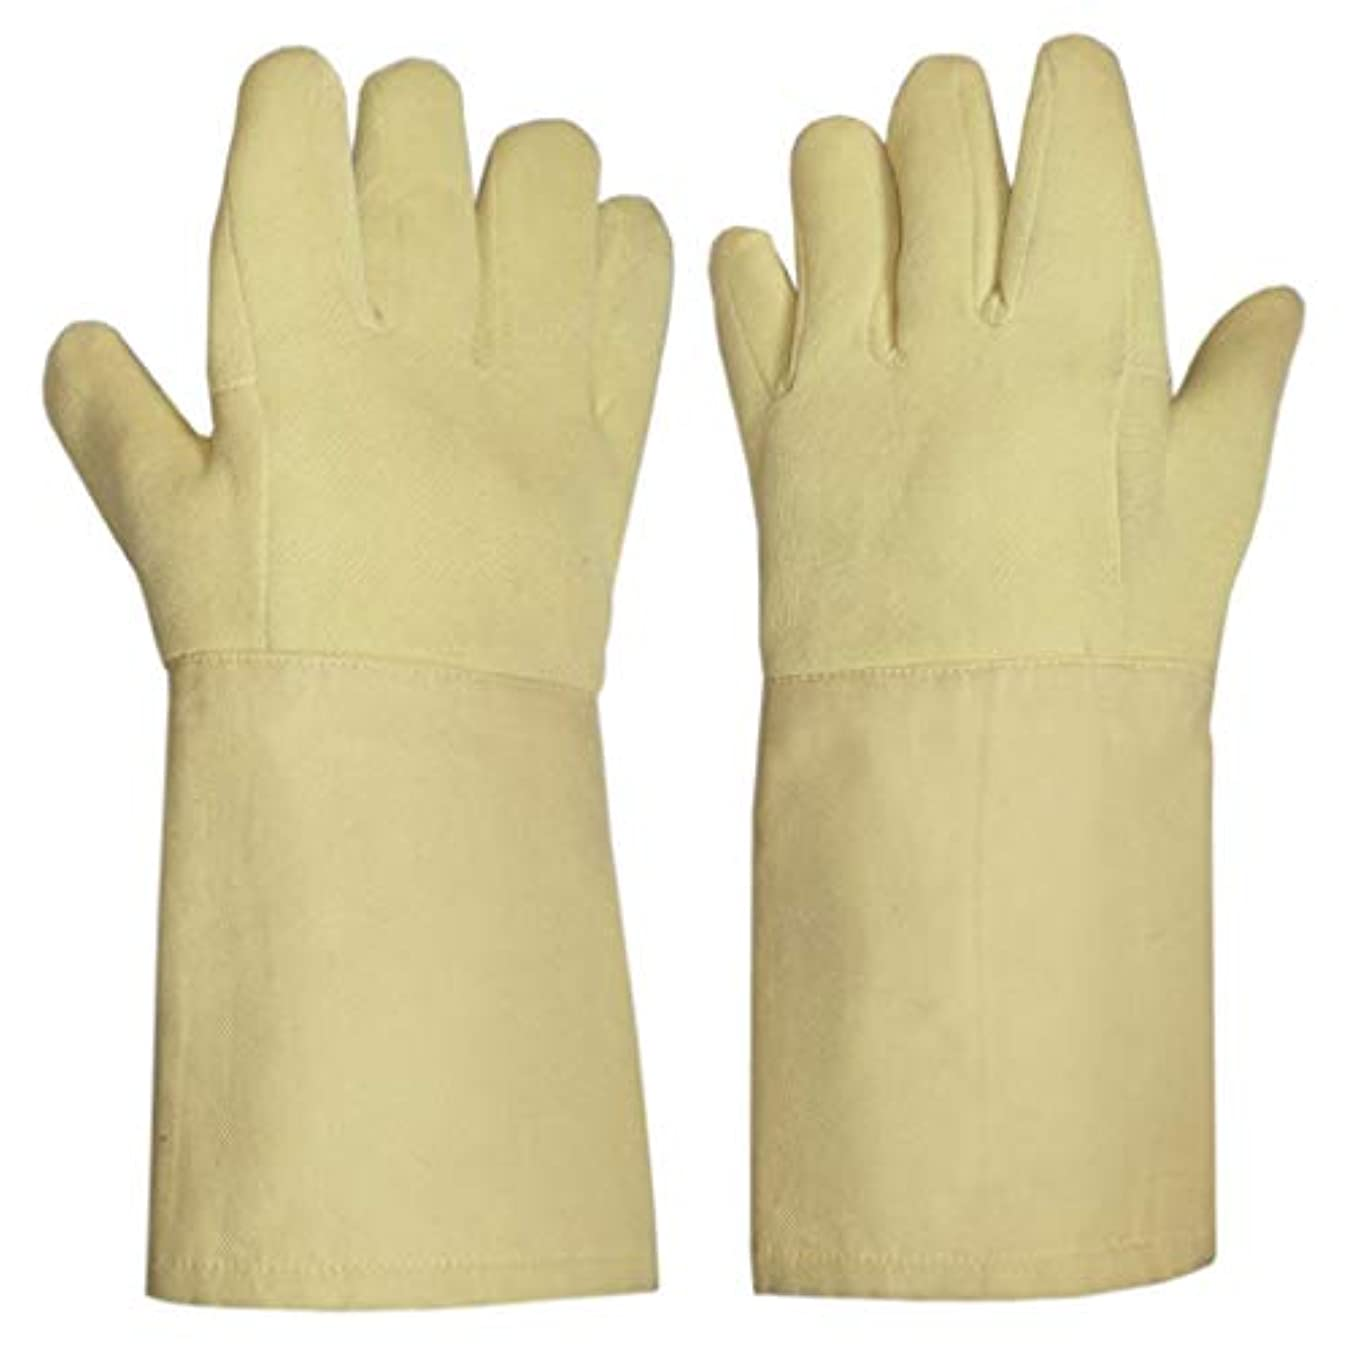 ちらつき生効率的LIUXIN カットプルーフ高温耐性手袋労働保護手袋切断保護手袋絶縁防滑性滑り止め14.5 * 38センチ ゴム手袋